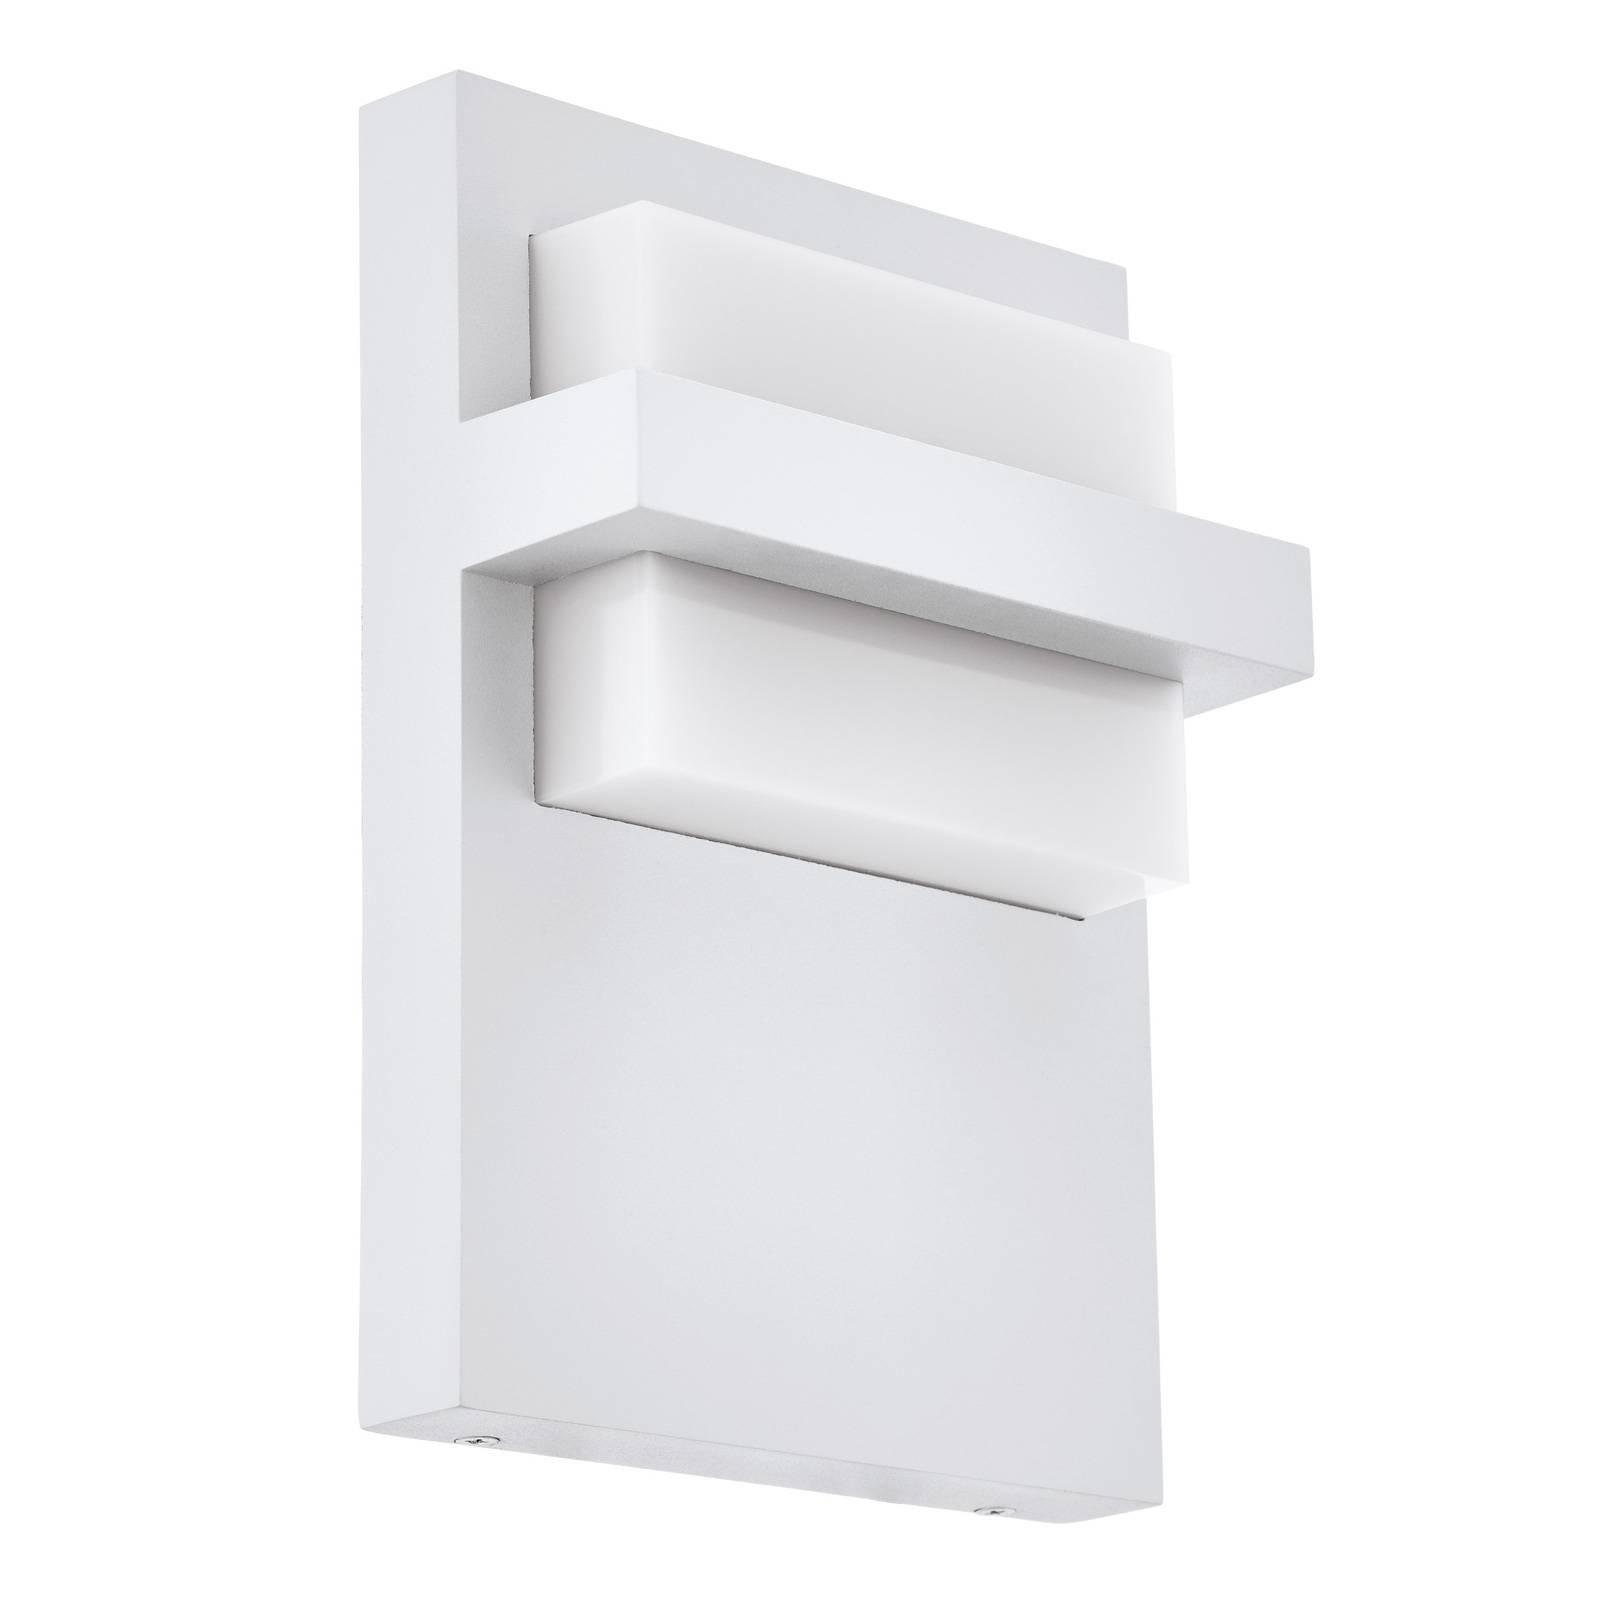 Utendørs LED-vegglampe Culpina av alu, hvit